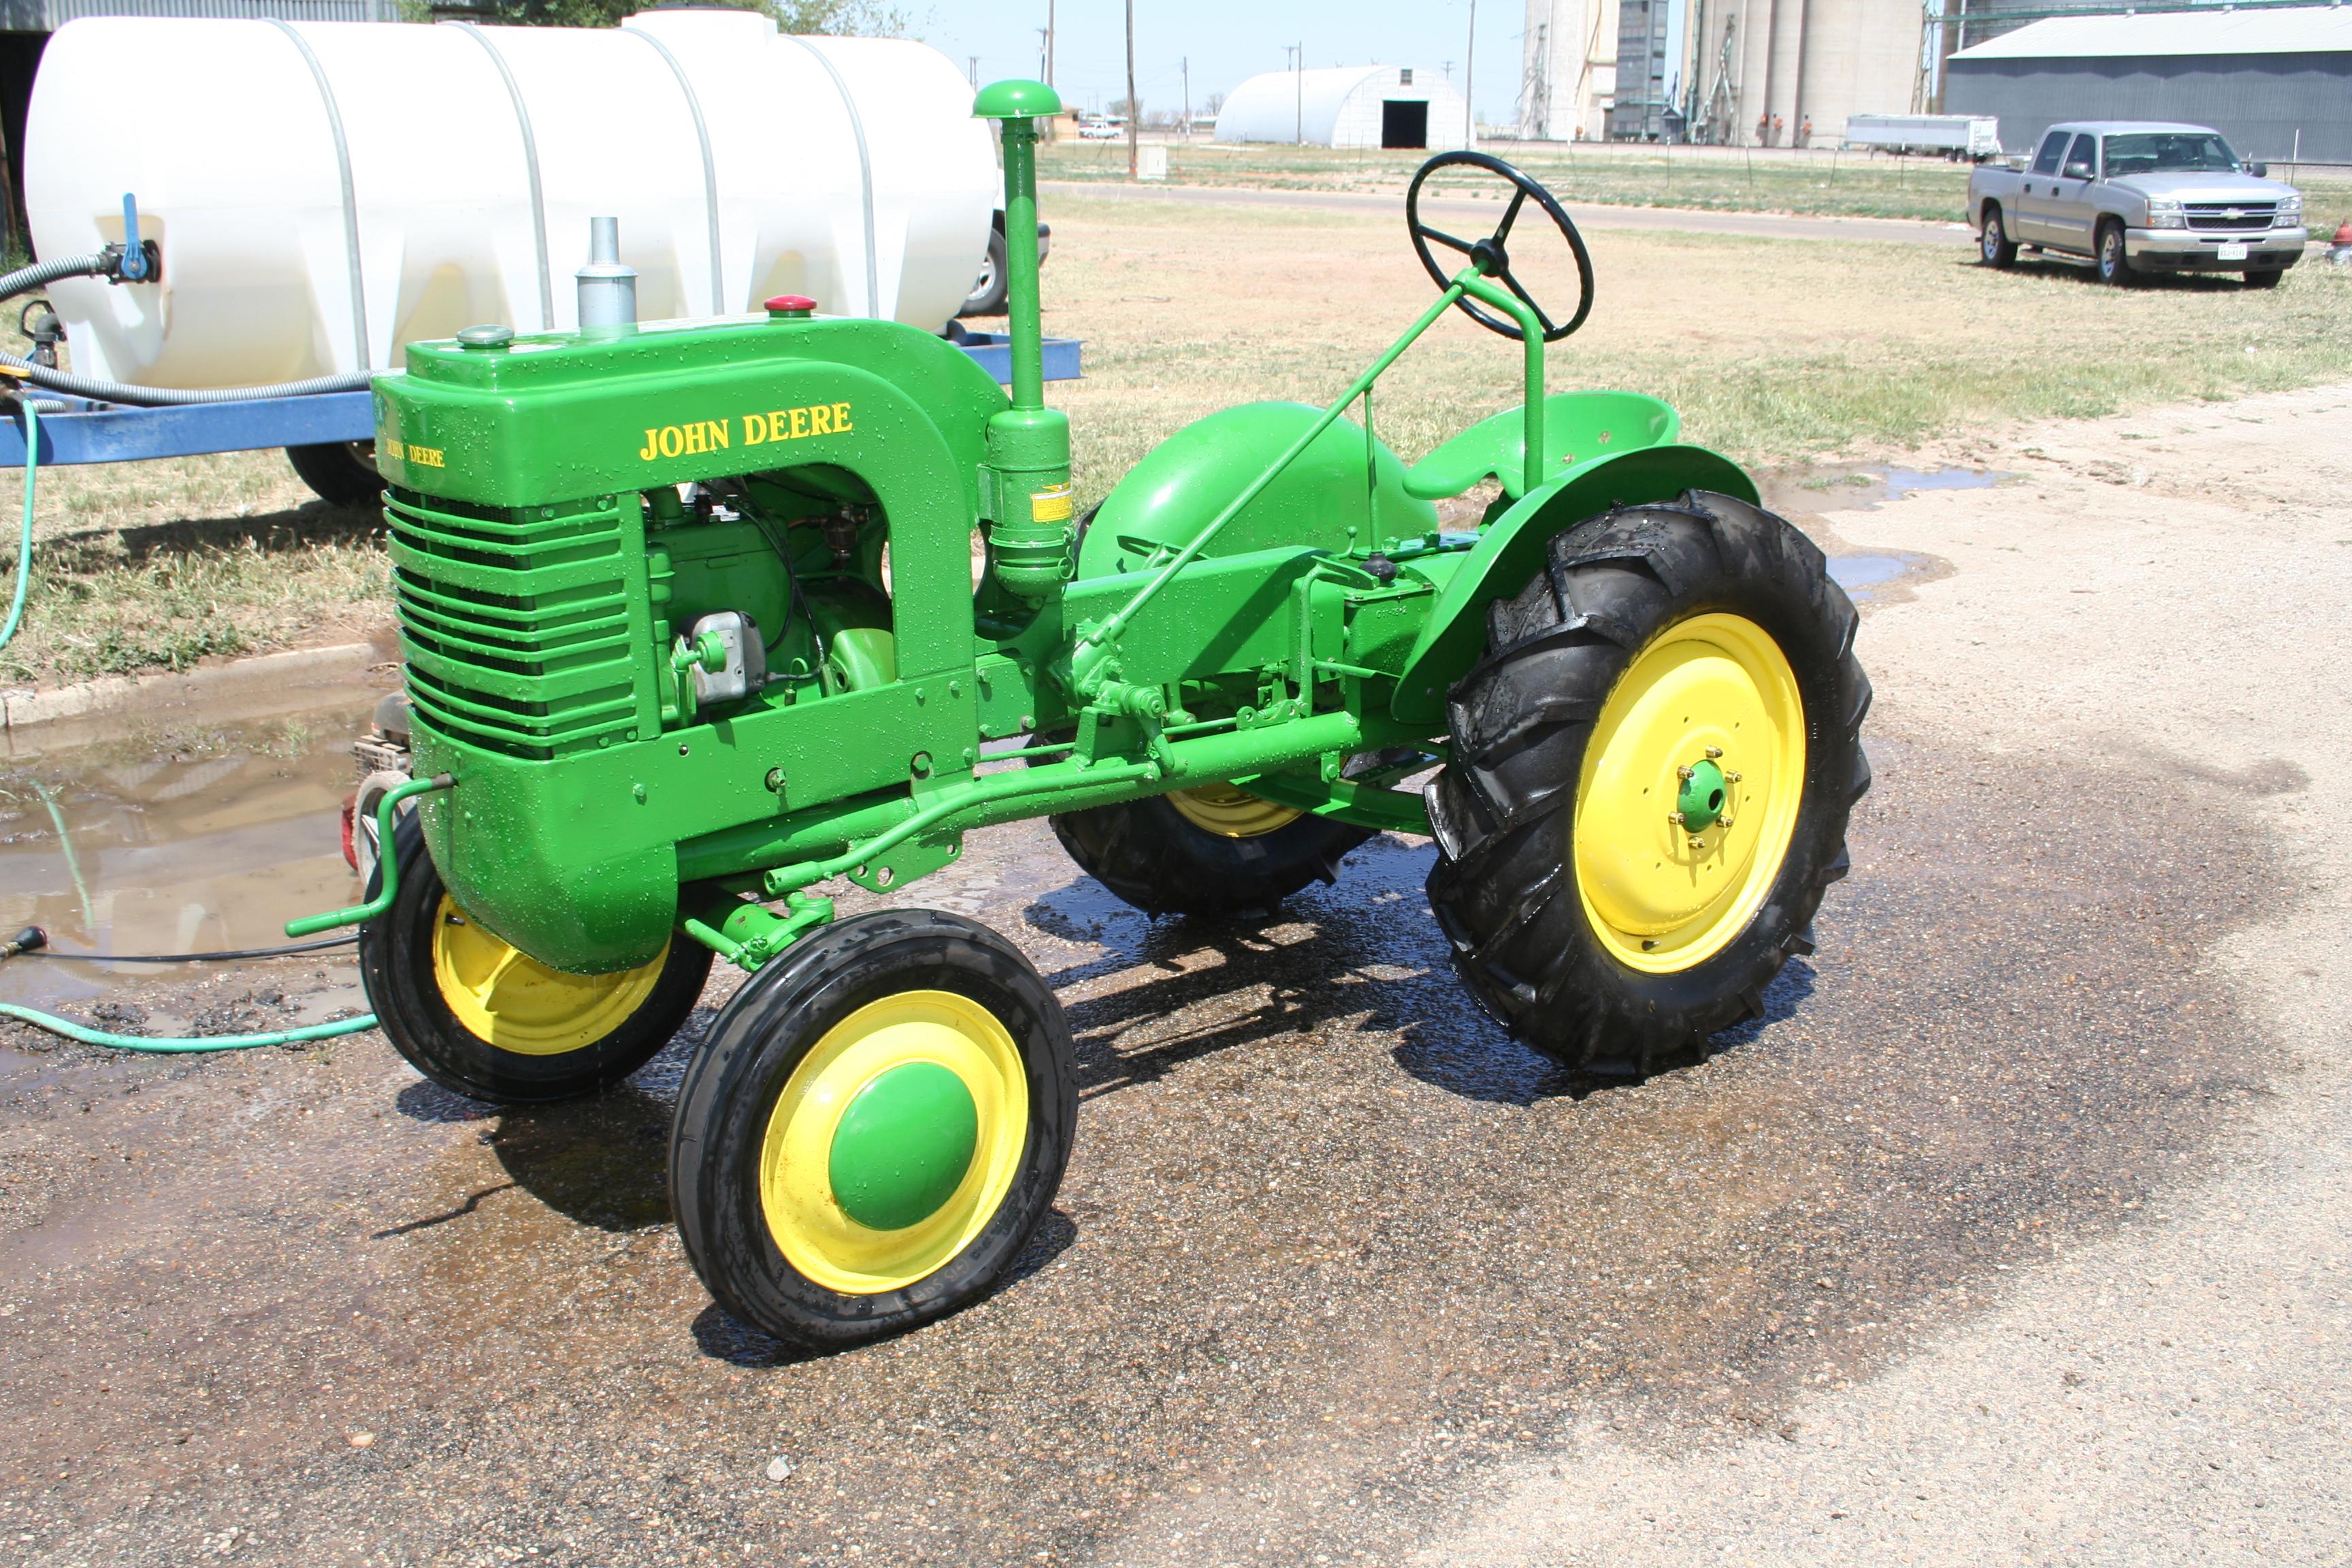 John Deere L Tires : John deere l troy s tractors